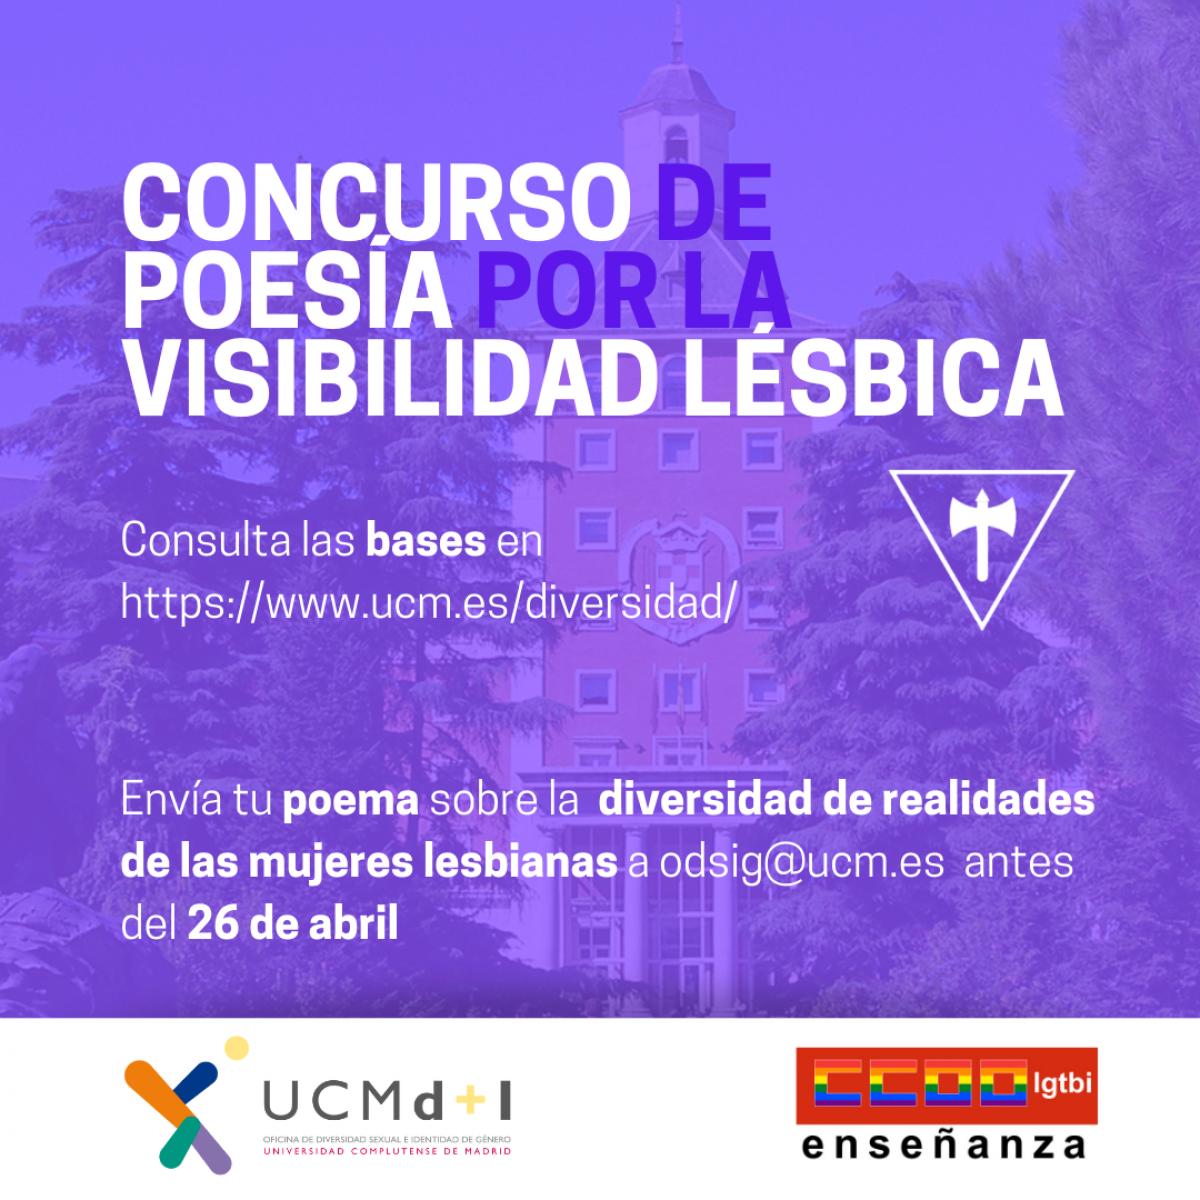 Convocatoria del I Concurso de poesía por la visibilidad lésbica de la UCM.